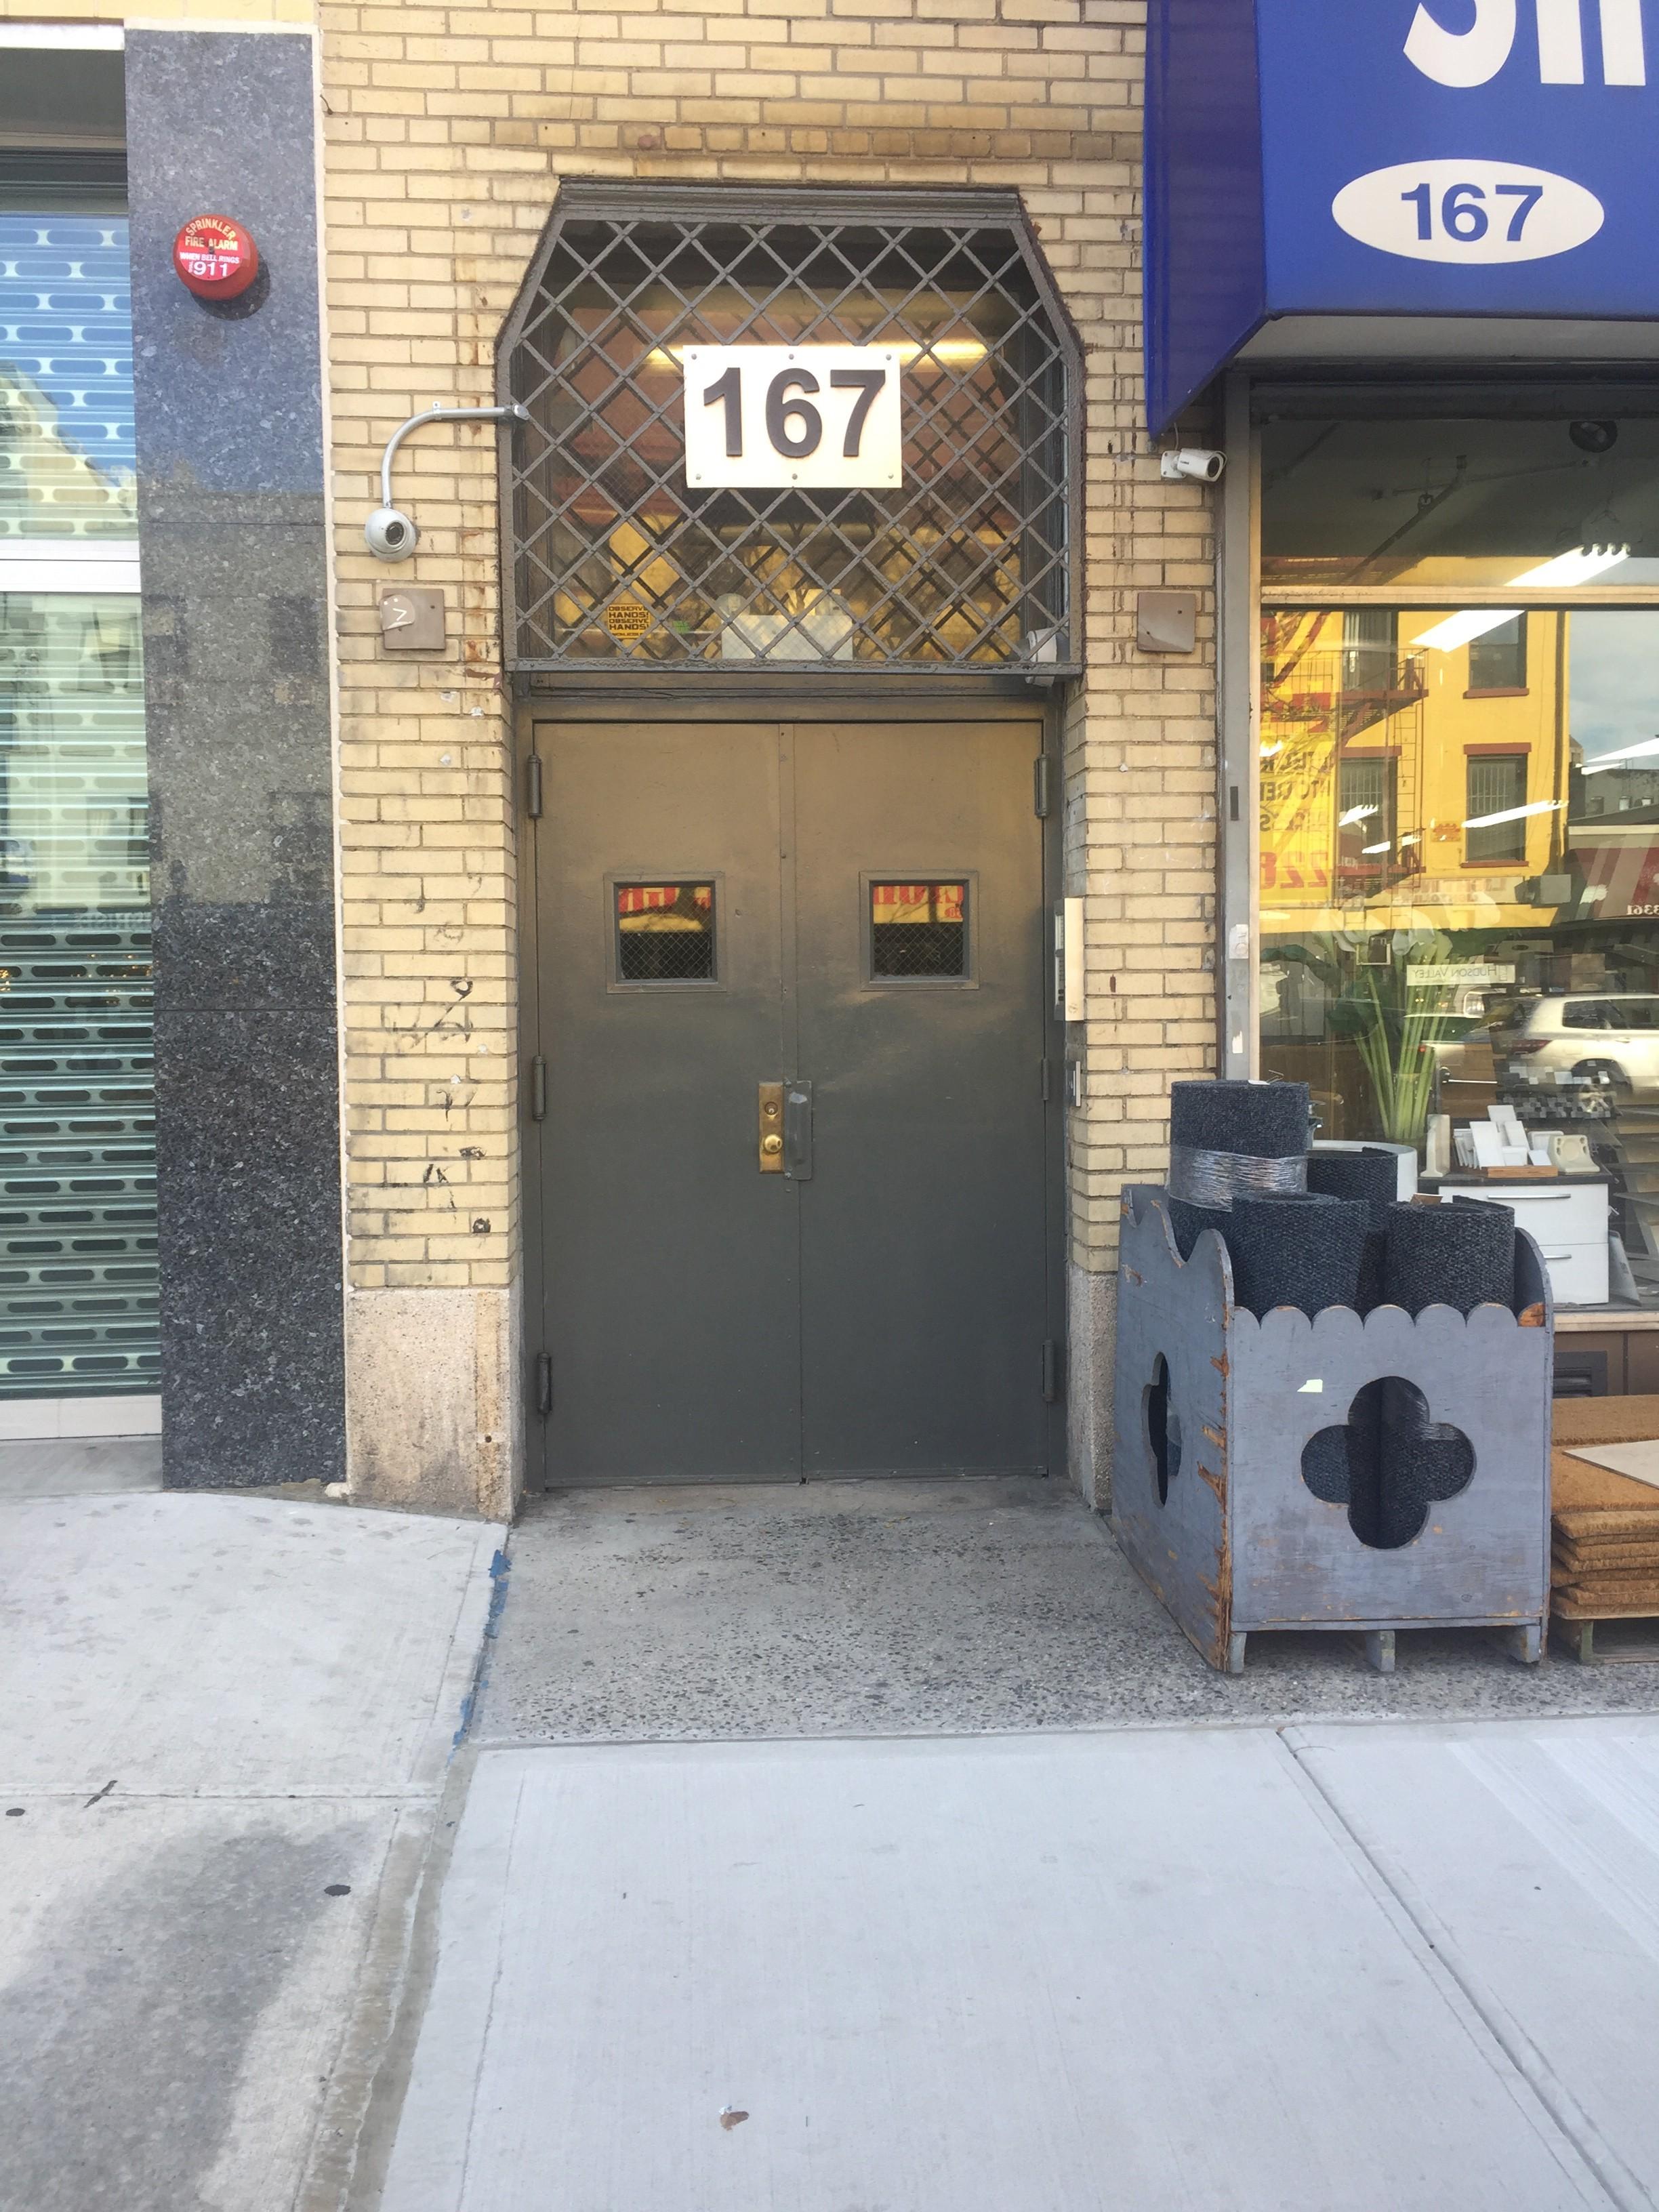 Bowery 167